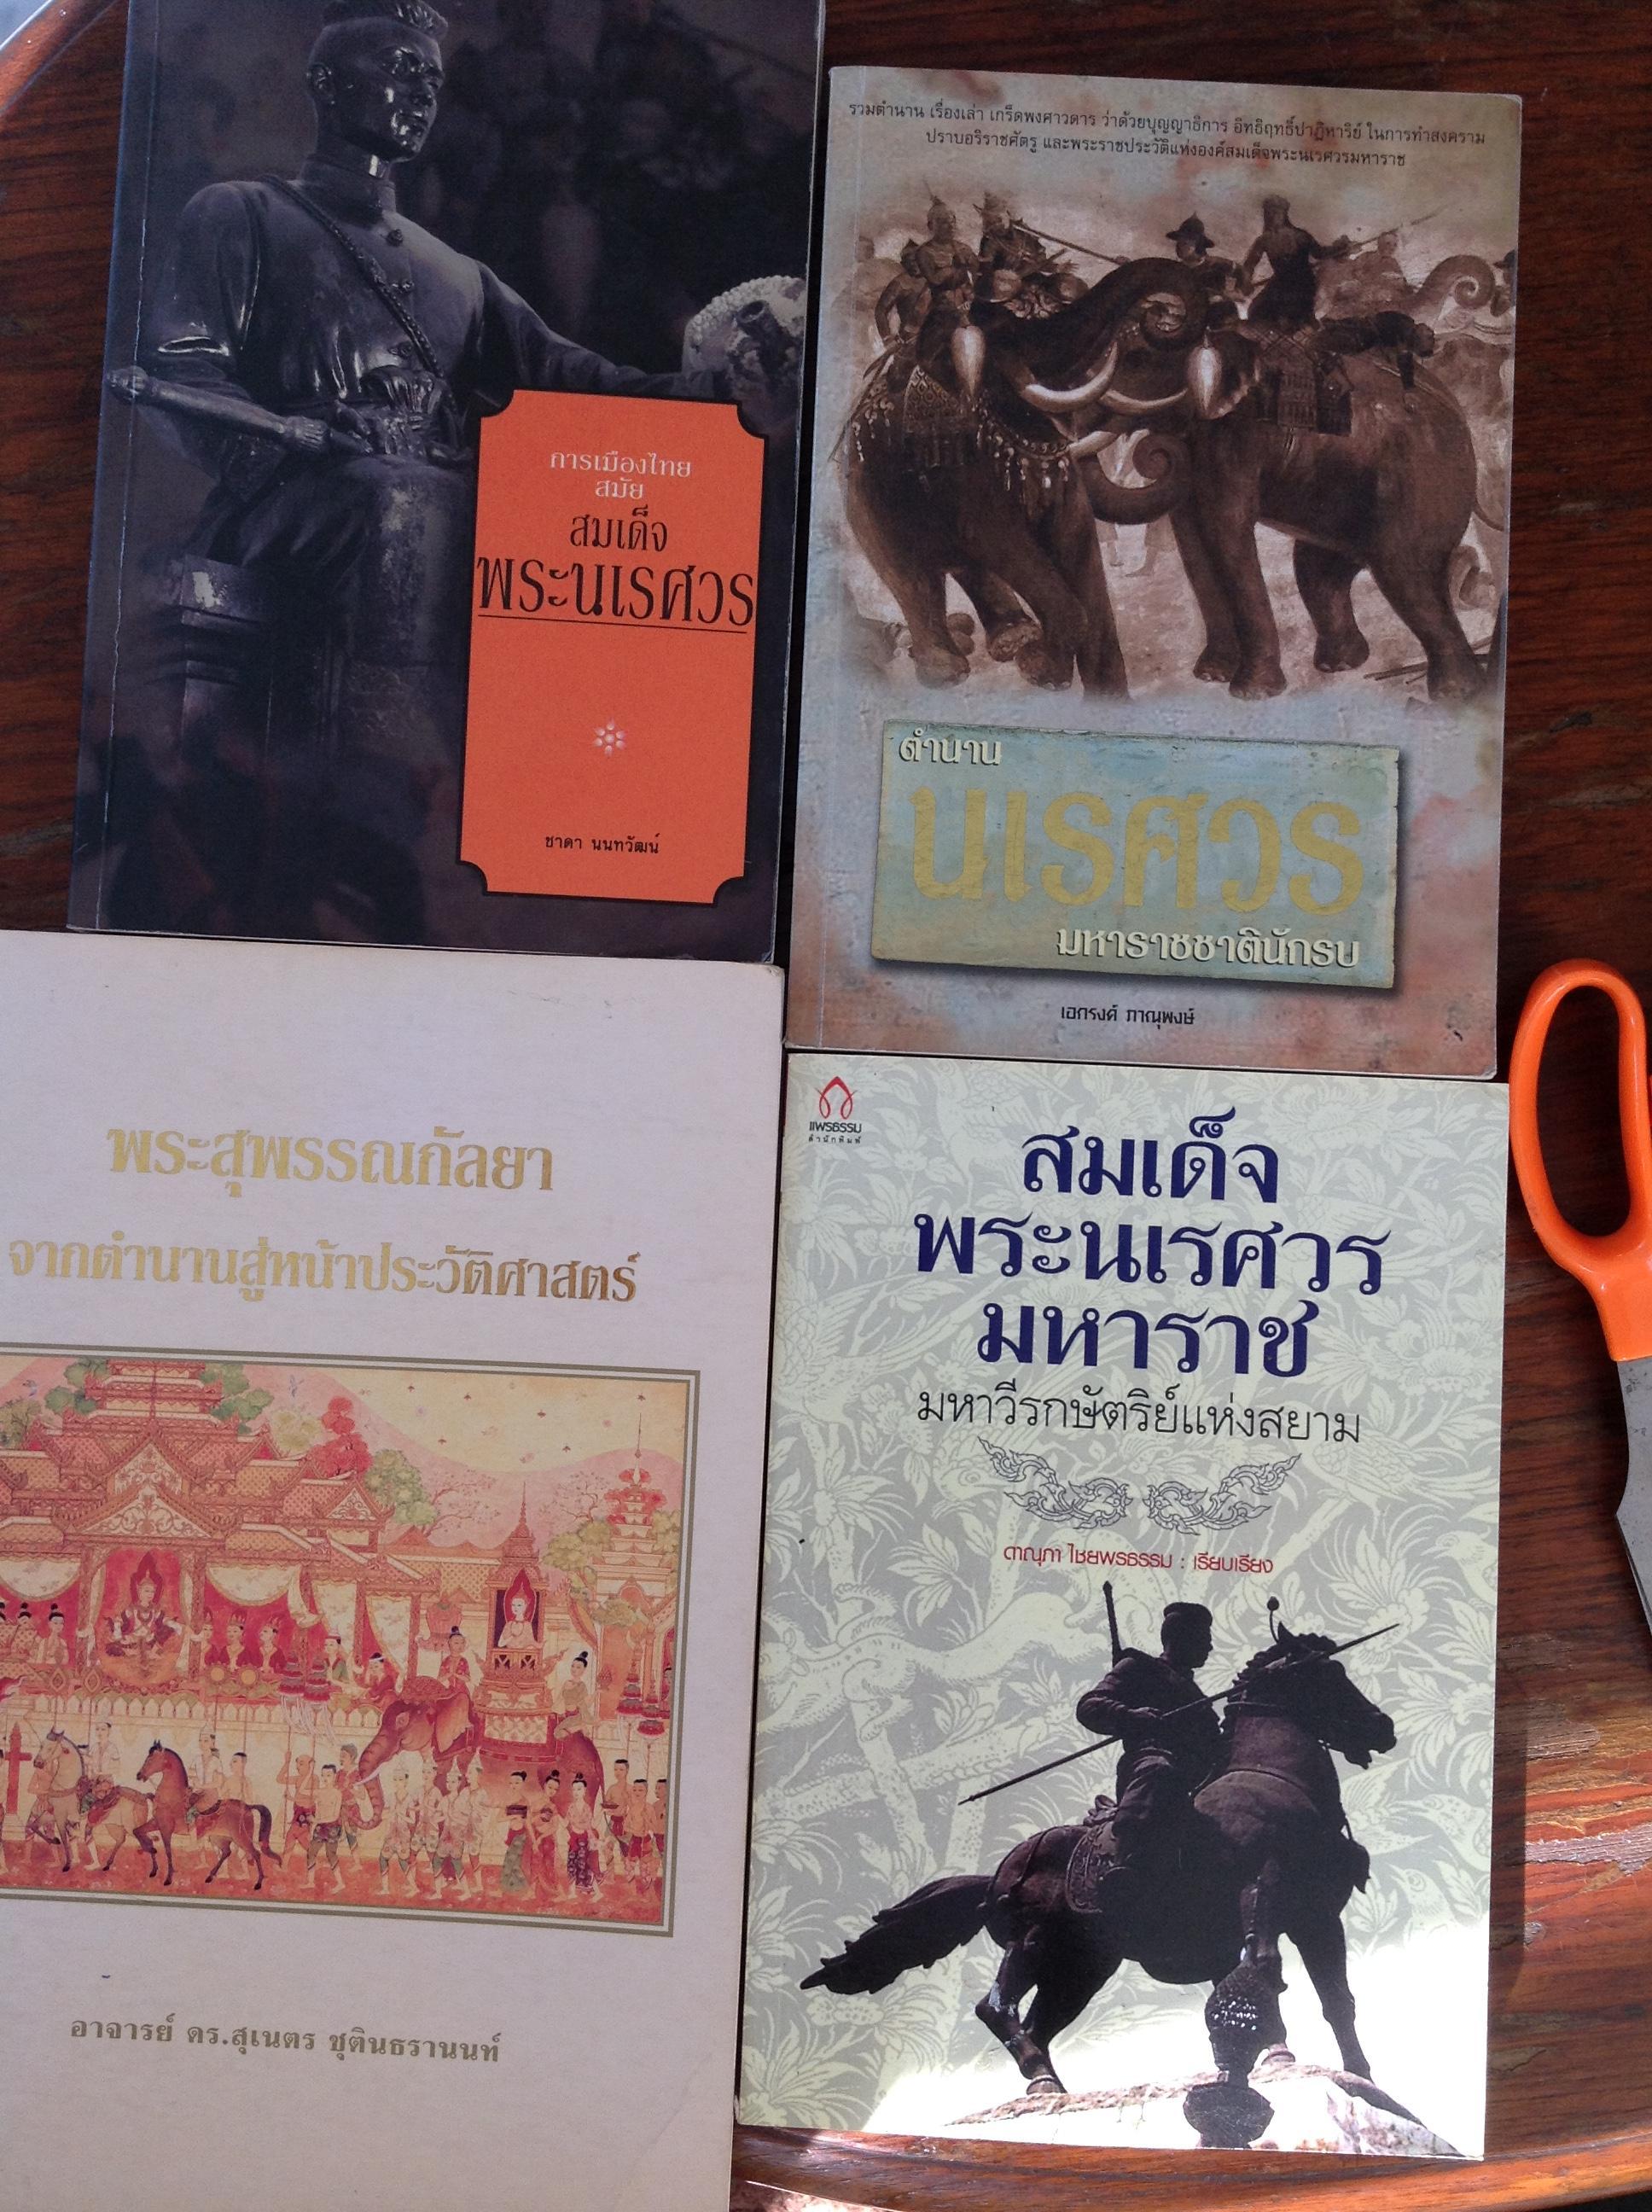 1)พระสุพรรณกัลยา จากตำนานสู่หน้าประวัติศาสตร์ 2)ตำนานนเรศวร มหาราชชาตินักรบ 3)การเมืองไทยสมัยสมเด็จพระนเรศวร 4) สมเด็จพระนเรศวรมหาราช มหาวีรกษัตริย์แห่งสยาม